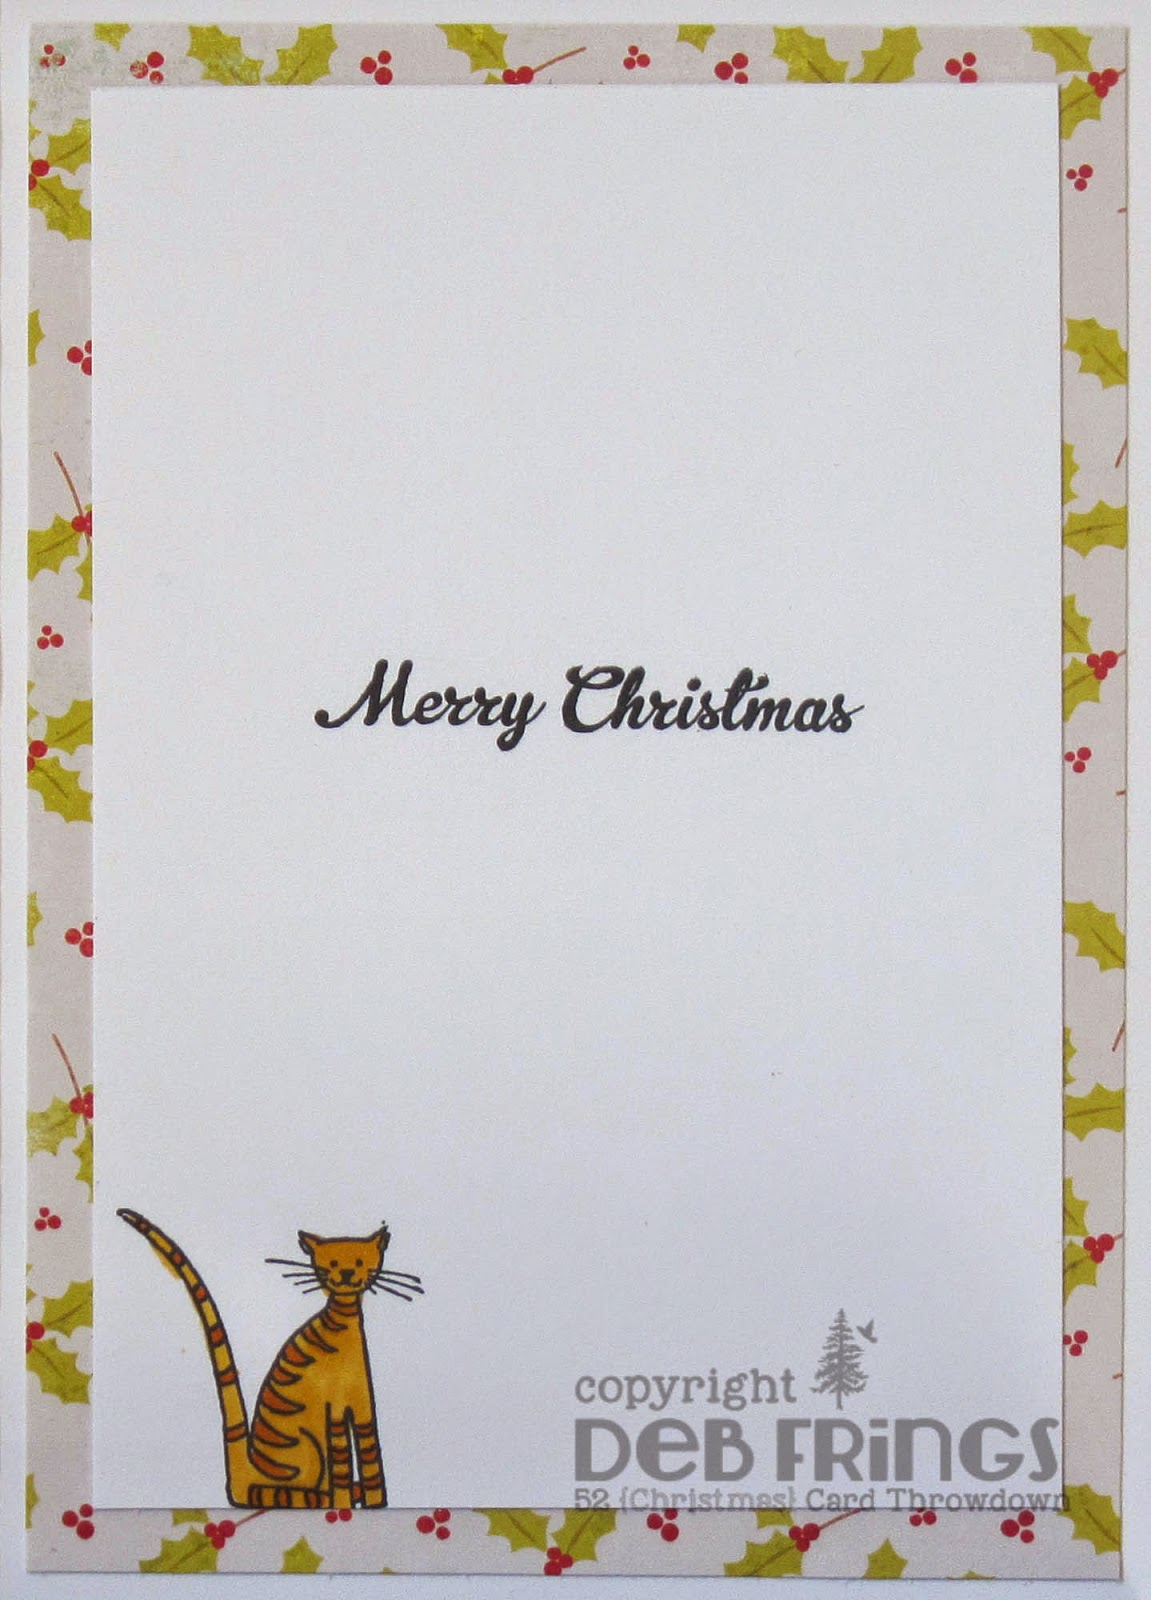 Purrfect Christmas inside - photo by Deborah Frings - Deborah's Gems